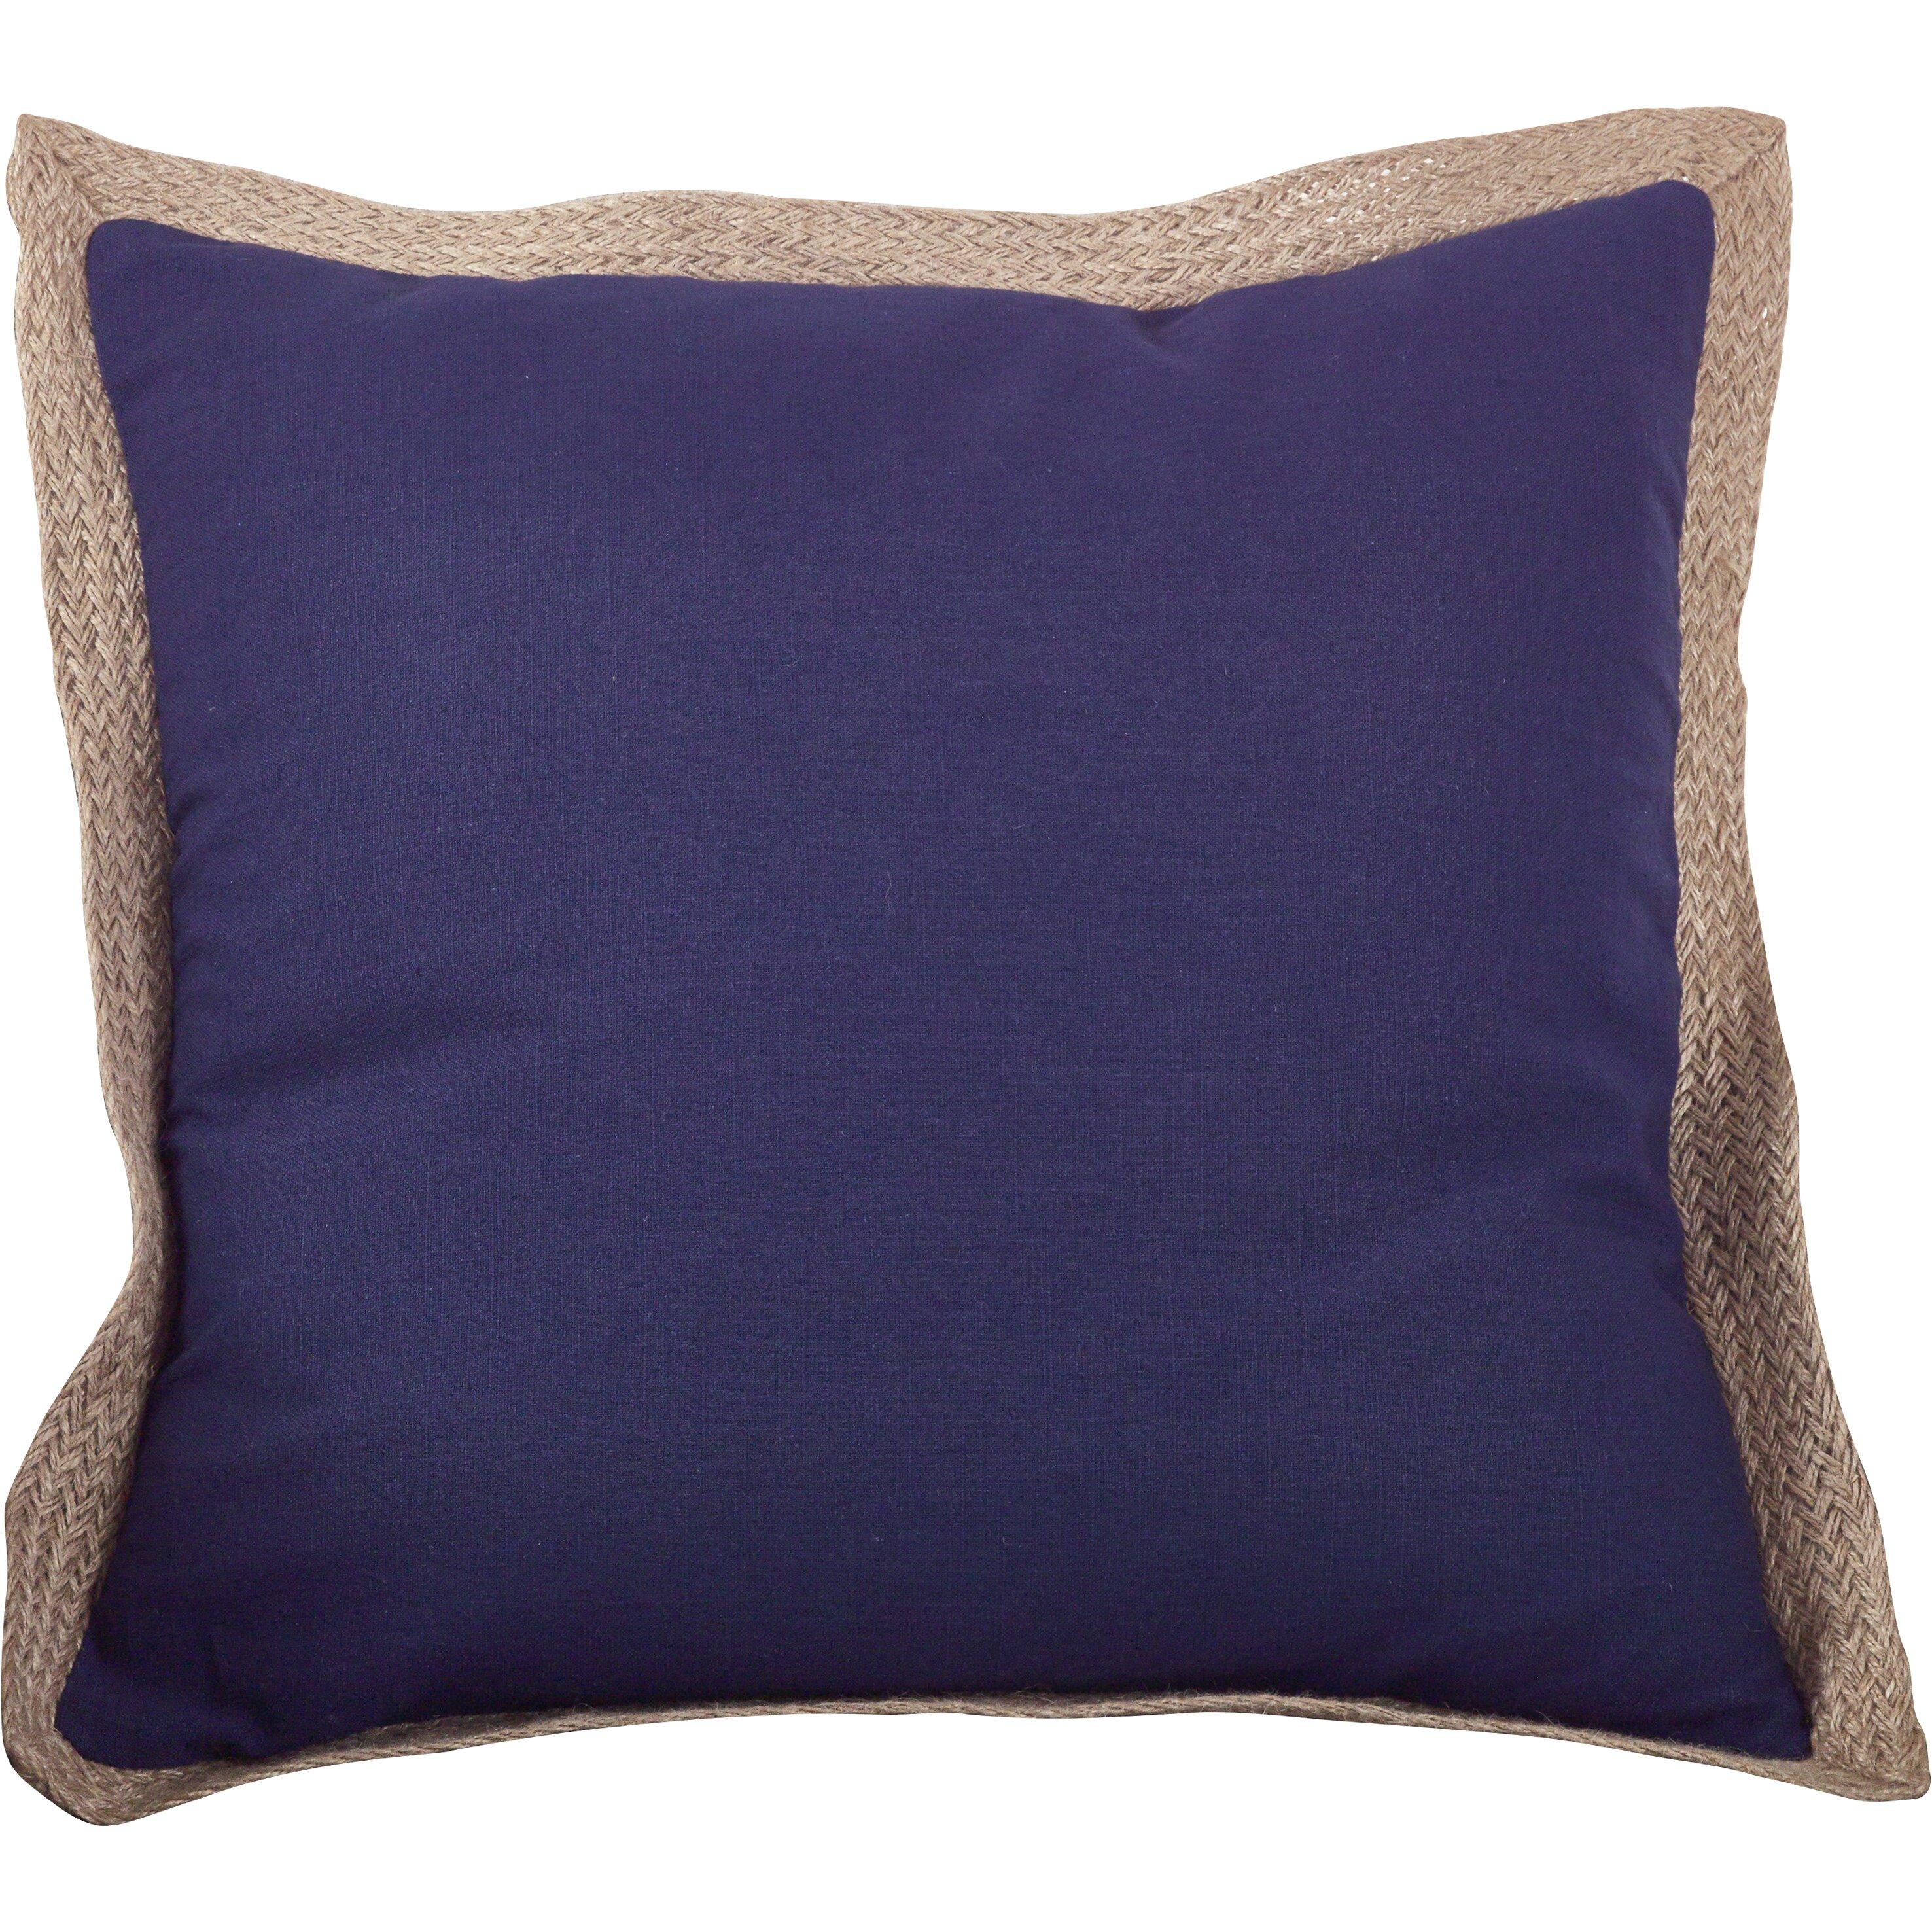 Classic Jute Trim Cotton Throw Pillow Wayfair